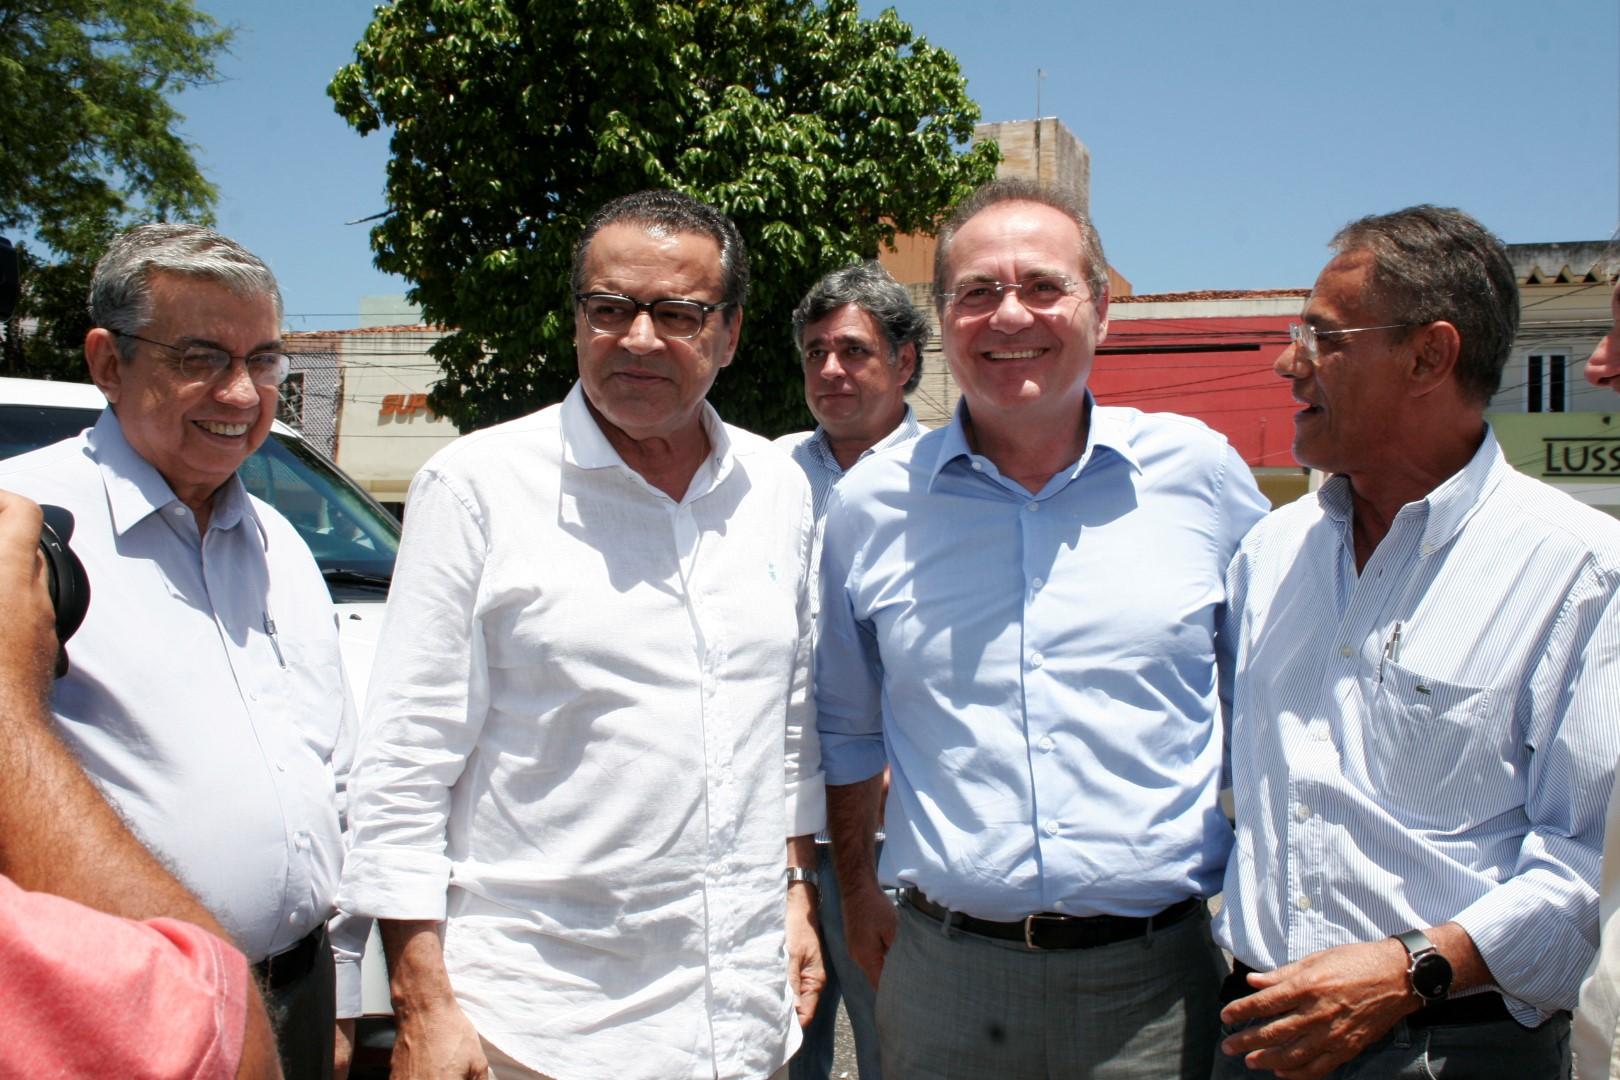 Henrique e Renan Calheiros garantiram que vão dar celeridade às matérias no Congresso Nacional